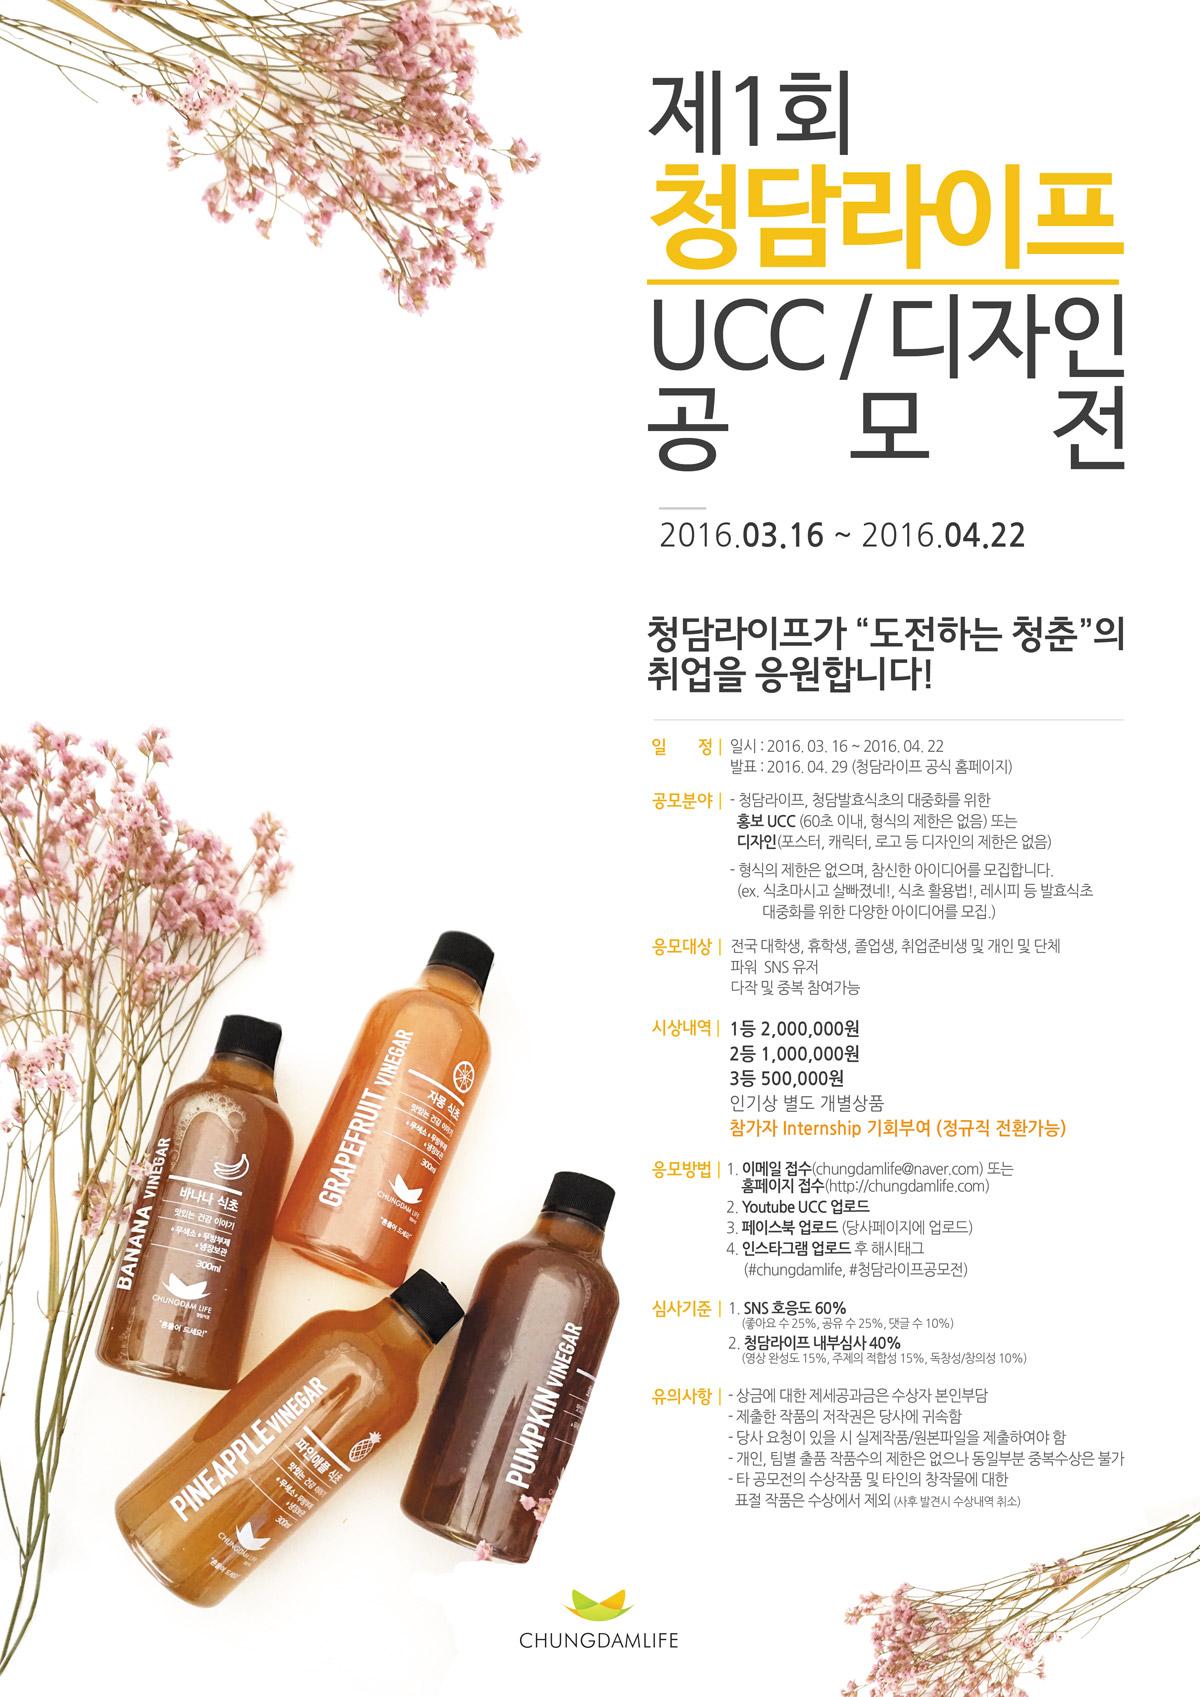 제1회 청담라이프 홍보 UCC/디자인 공모전 (도전하는 청춘의 취업을 응원합니다)